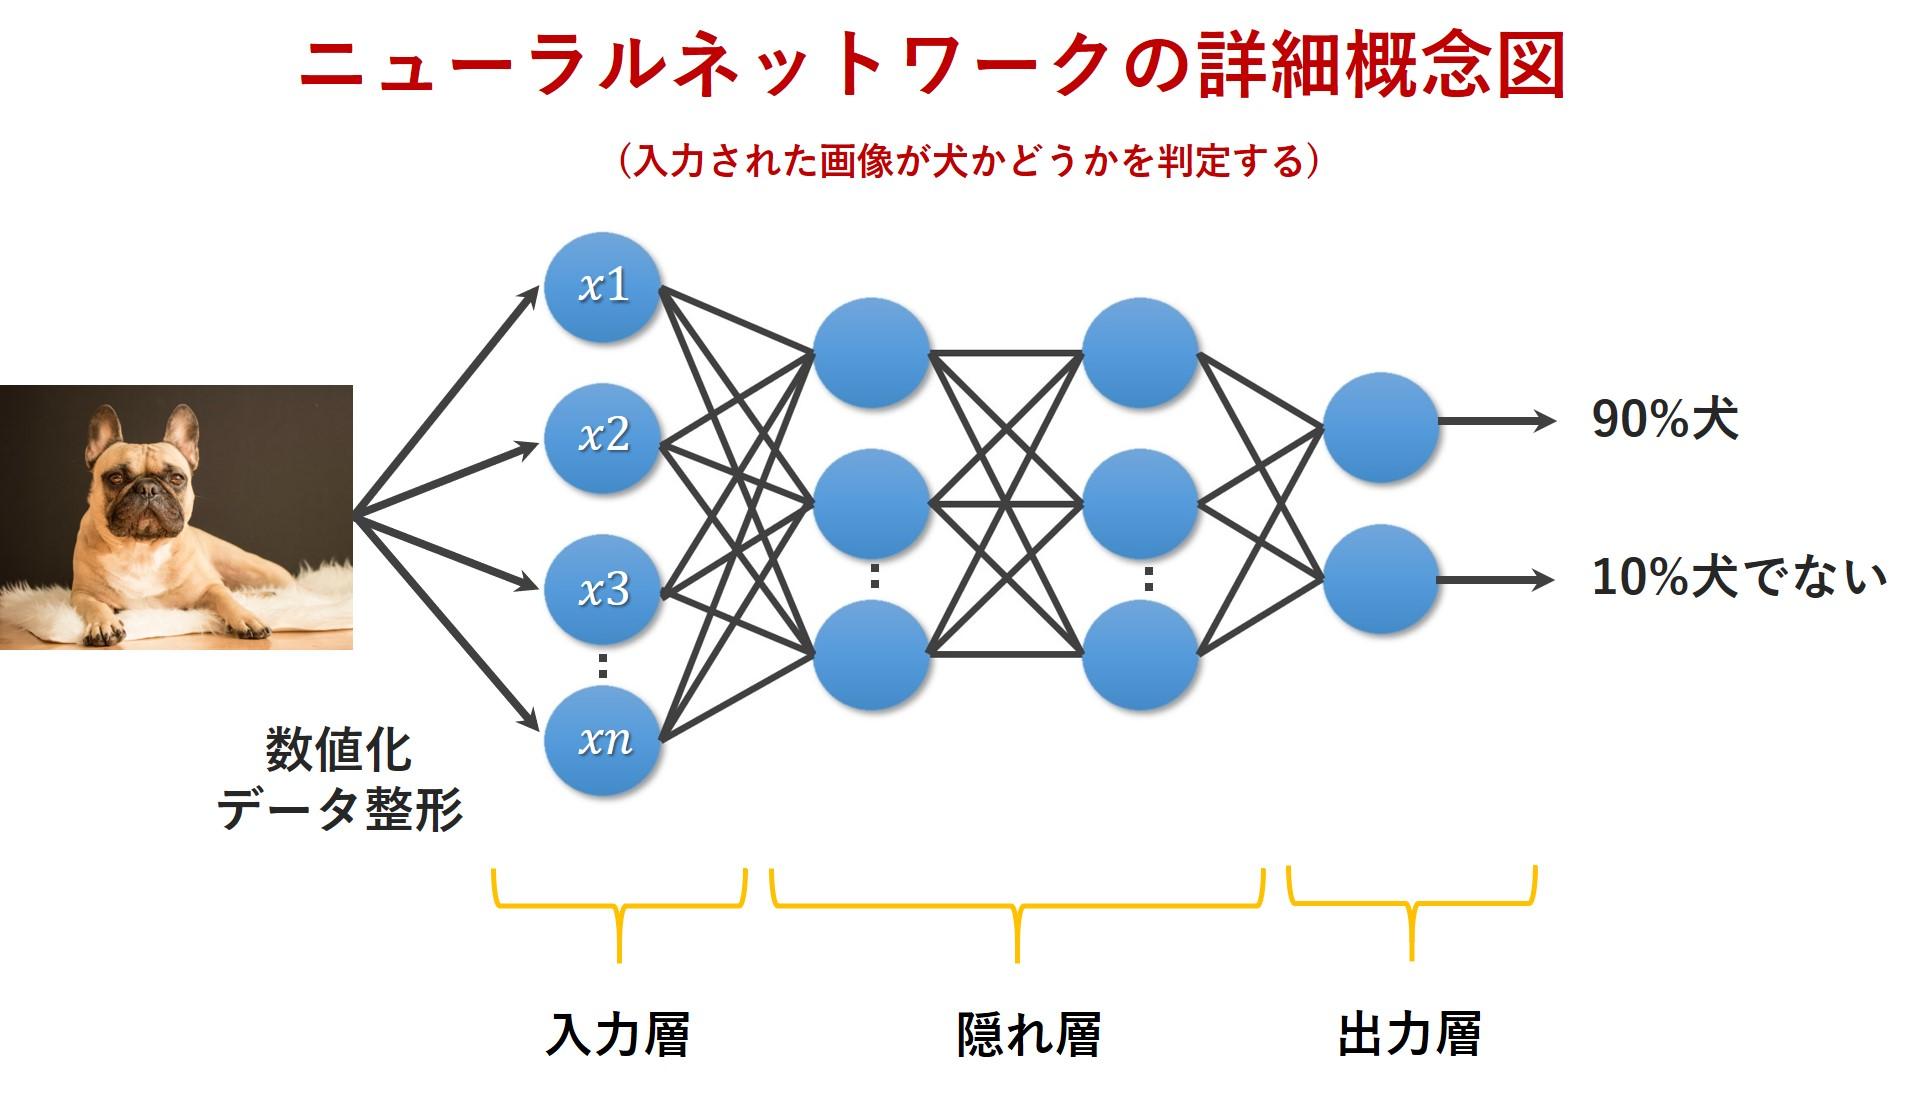 ニューラルネットワークの詳細な概念図